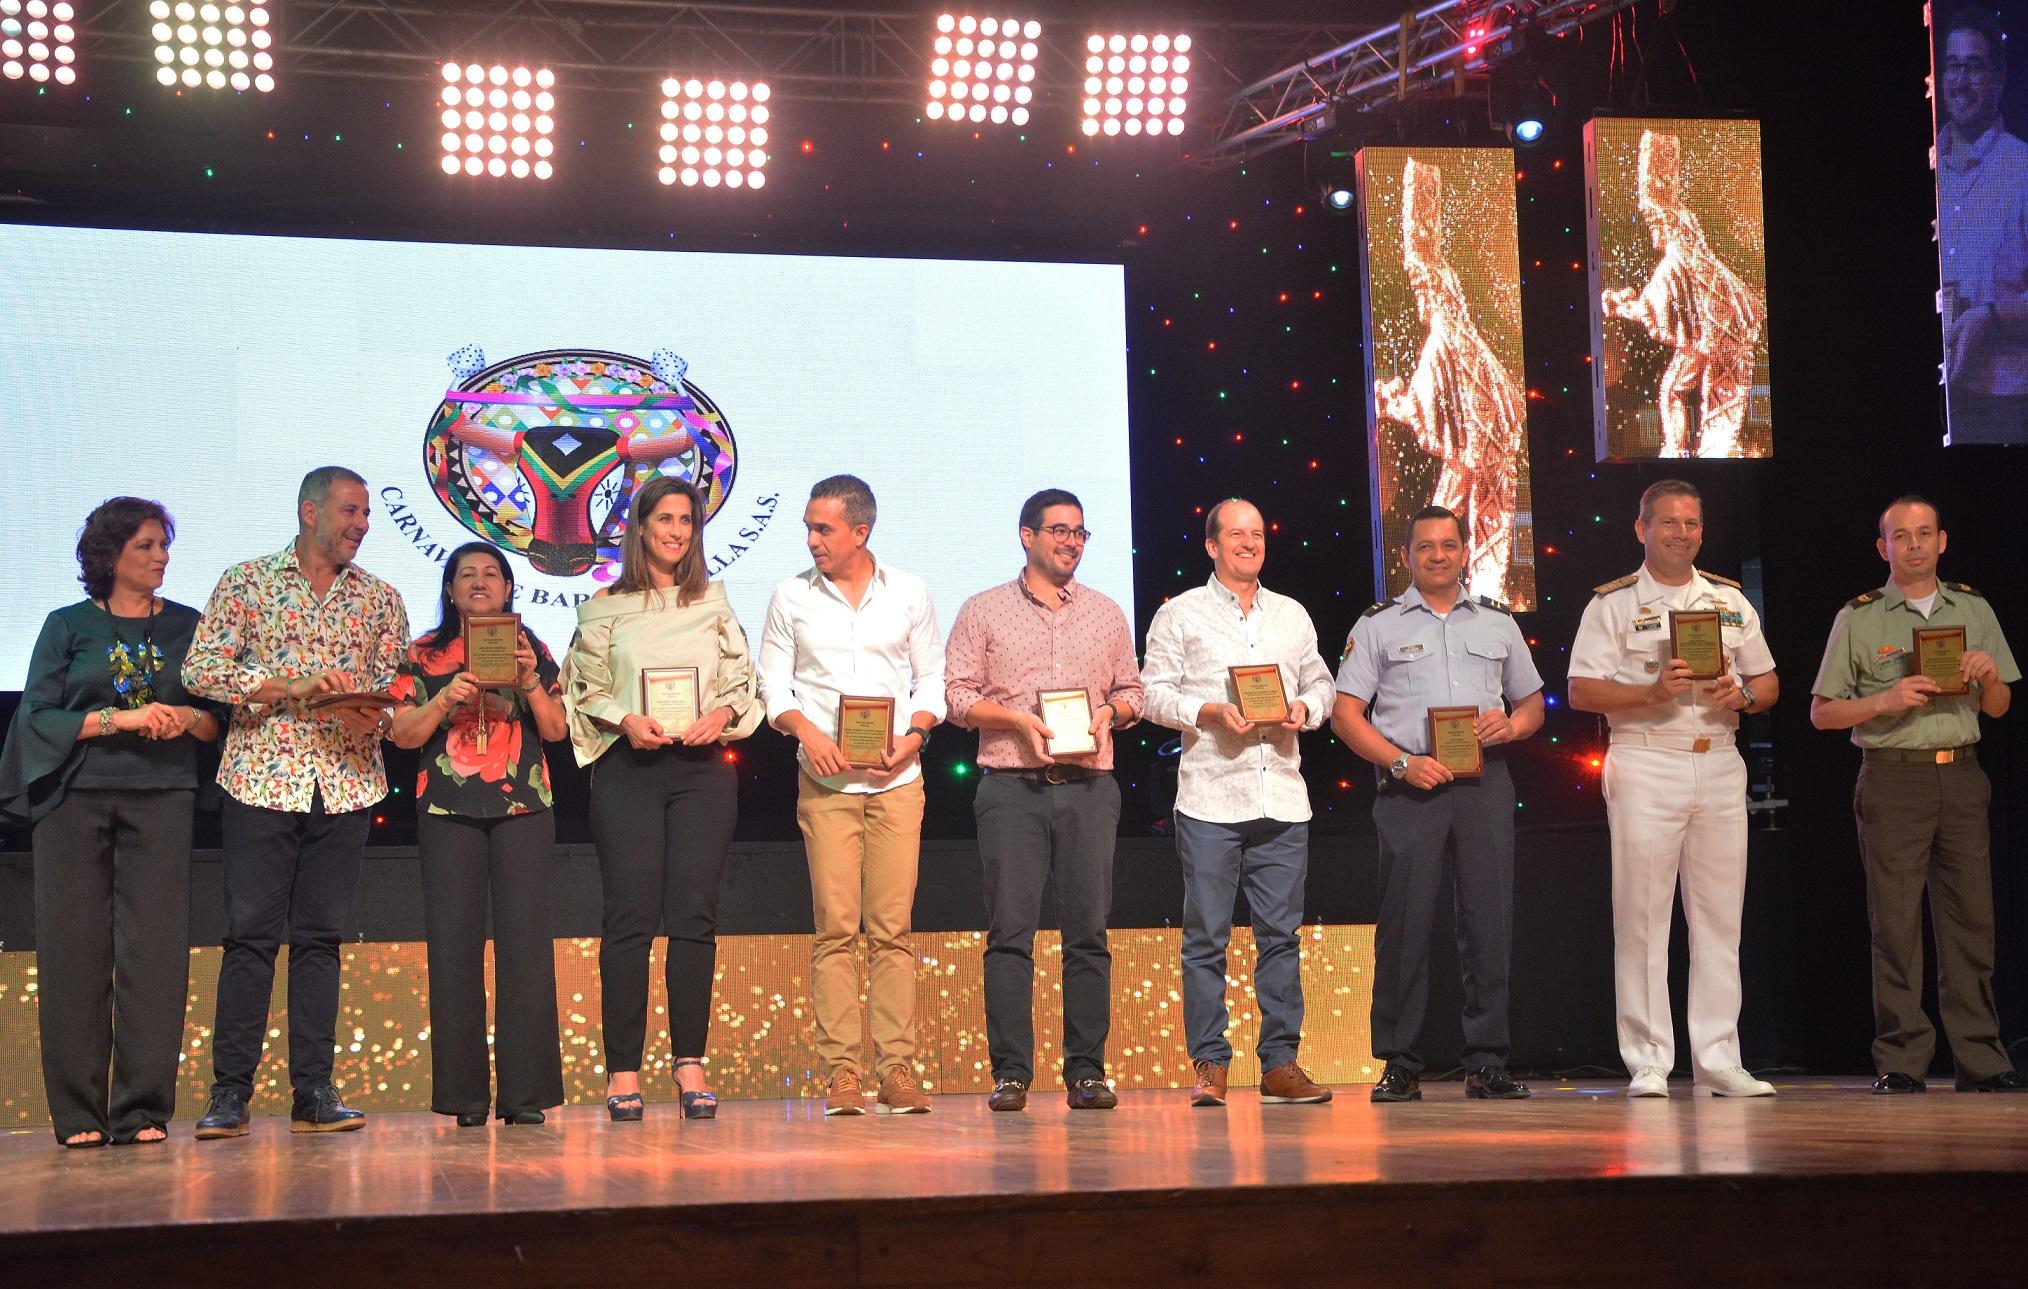 Reconocimiento al equipo de la Alcaldía de Barranquilla y autoridades.